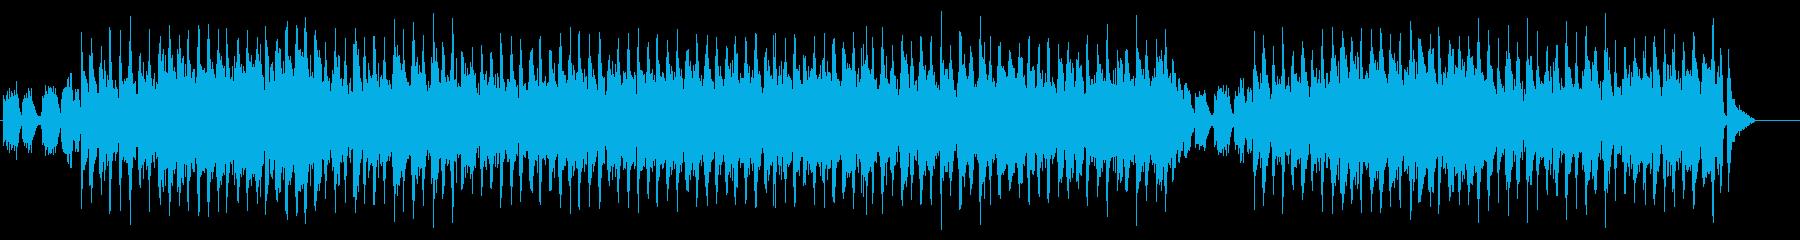 ナチュラルテイストのハイライフイメージの再生済みの波形